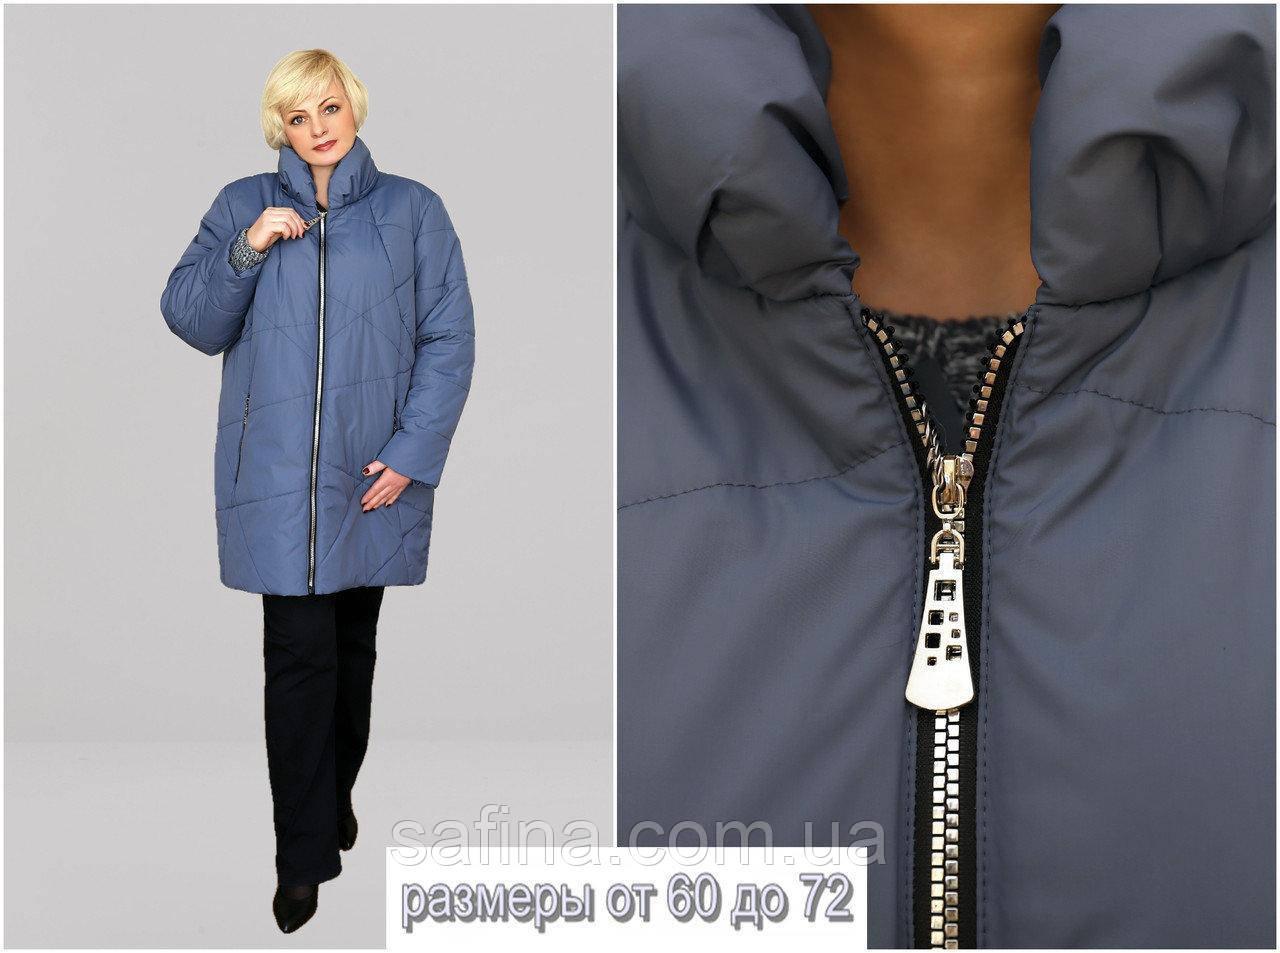 Стильная женская куртка с шарфиком до 72 размера